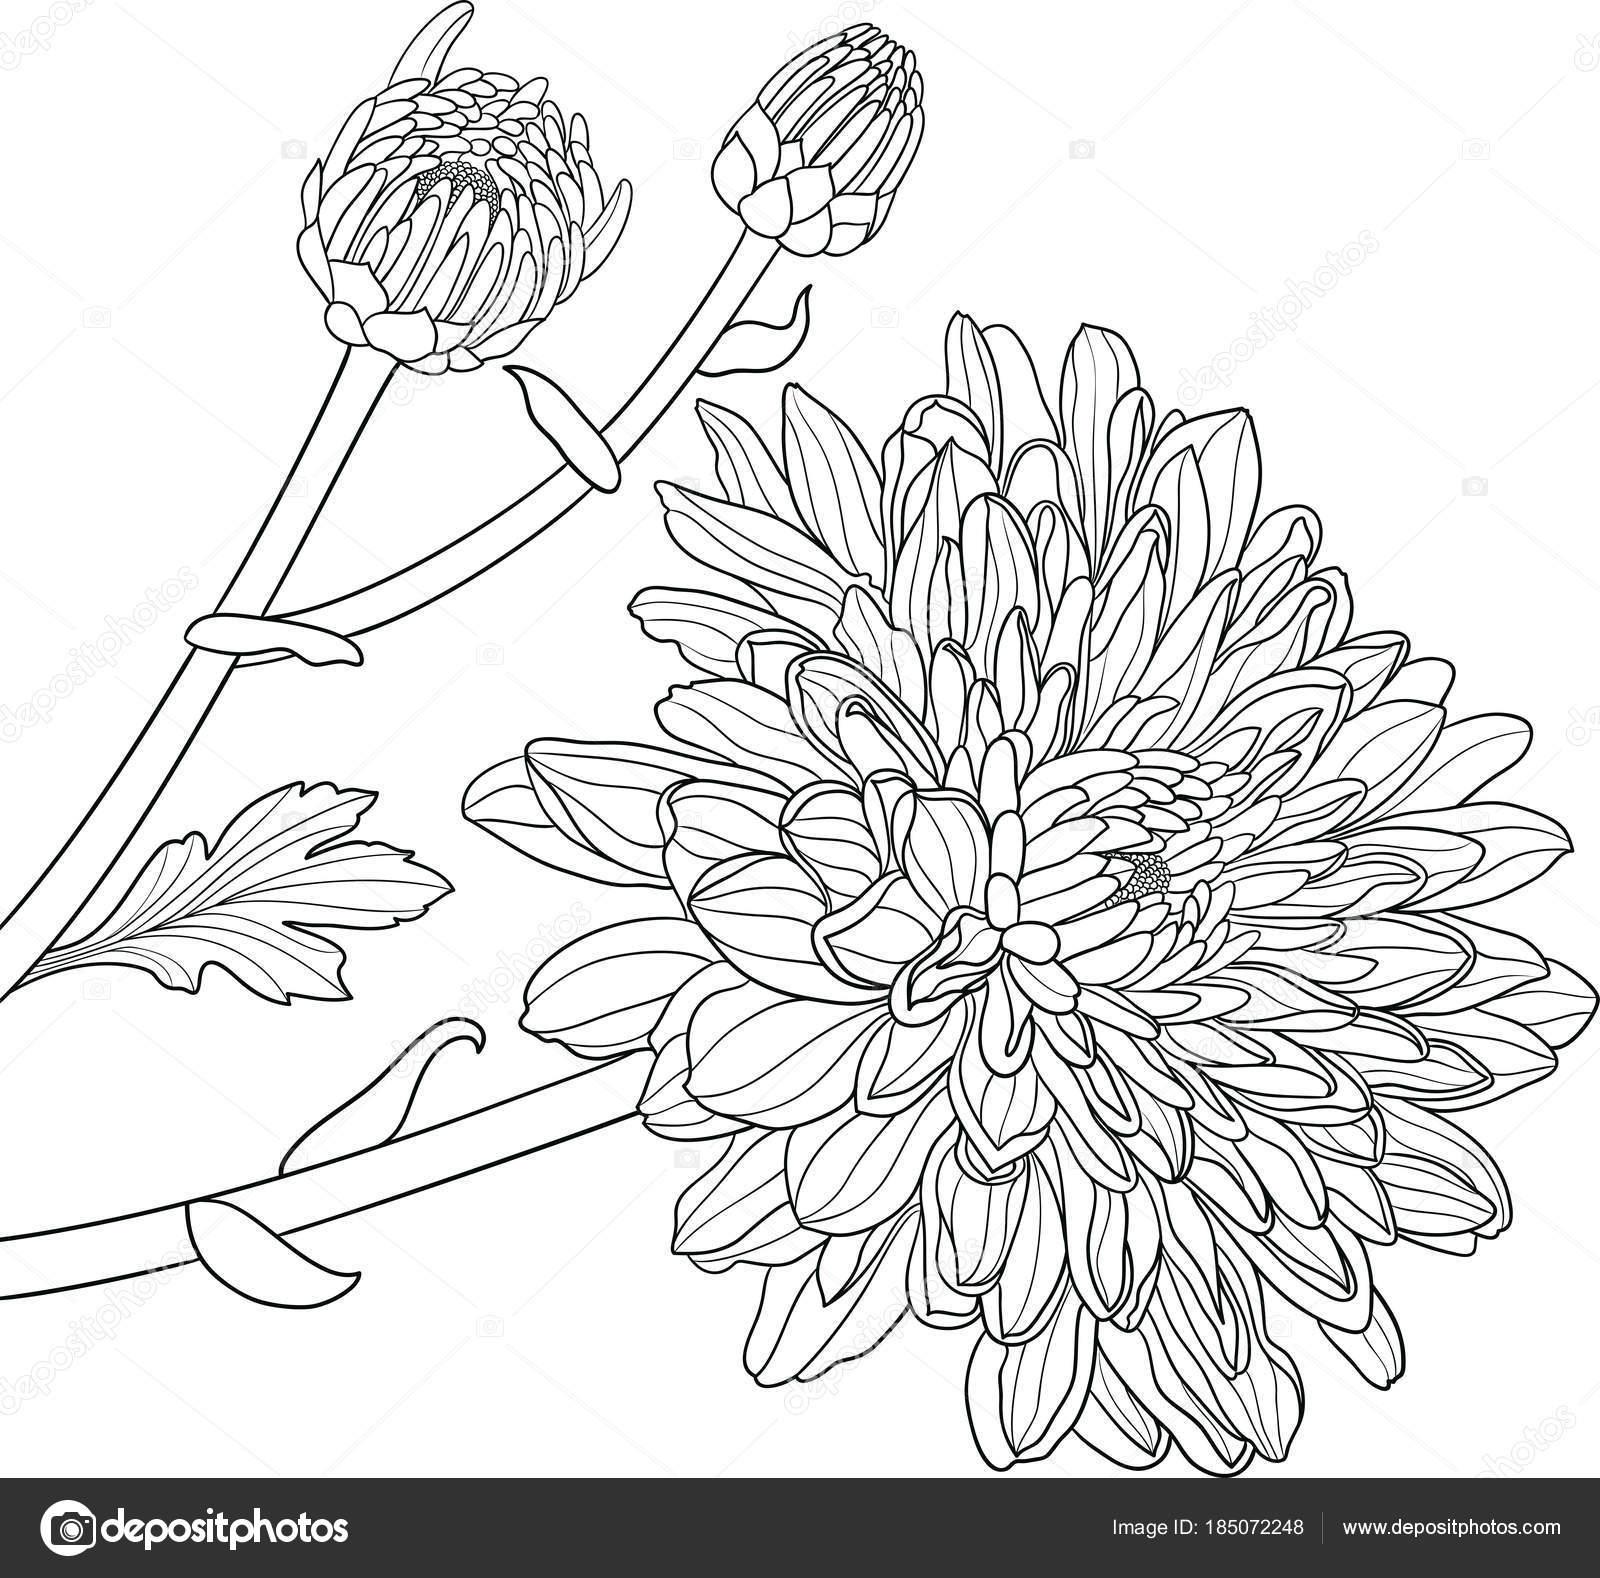 Crisantemos vector dibujado a mano — Archivo Imágenes Vectoriales ...